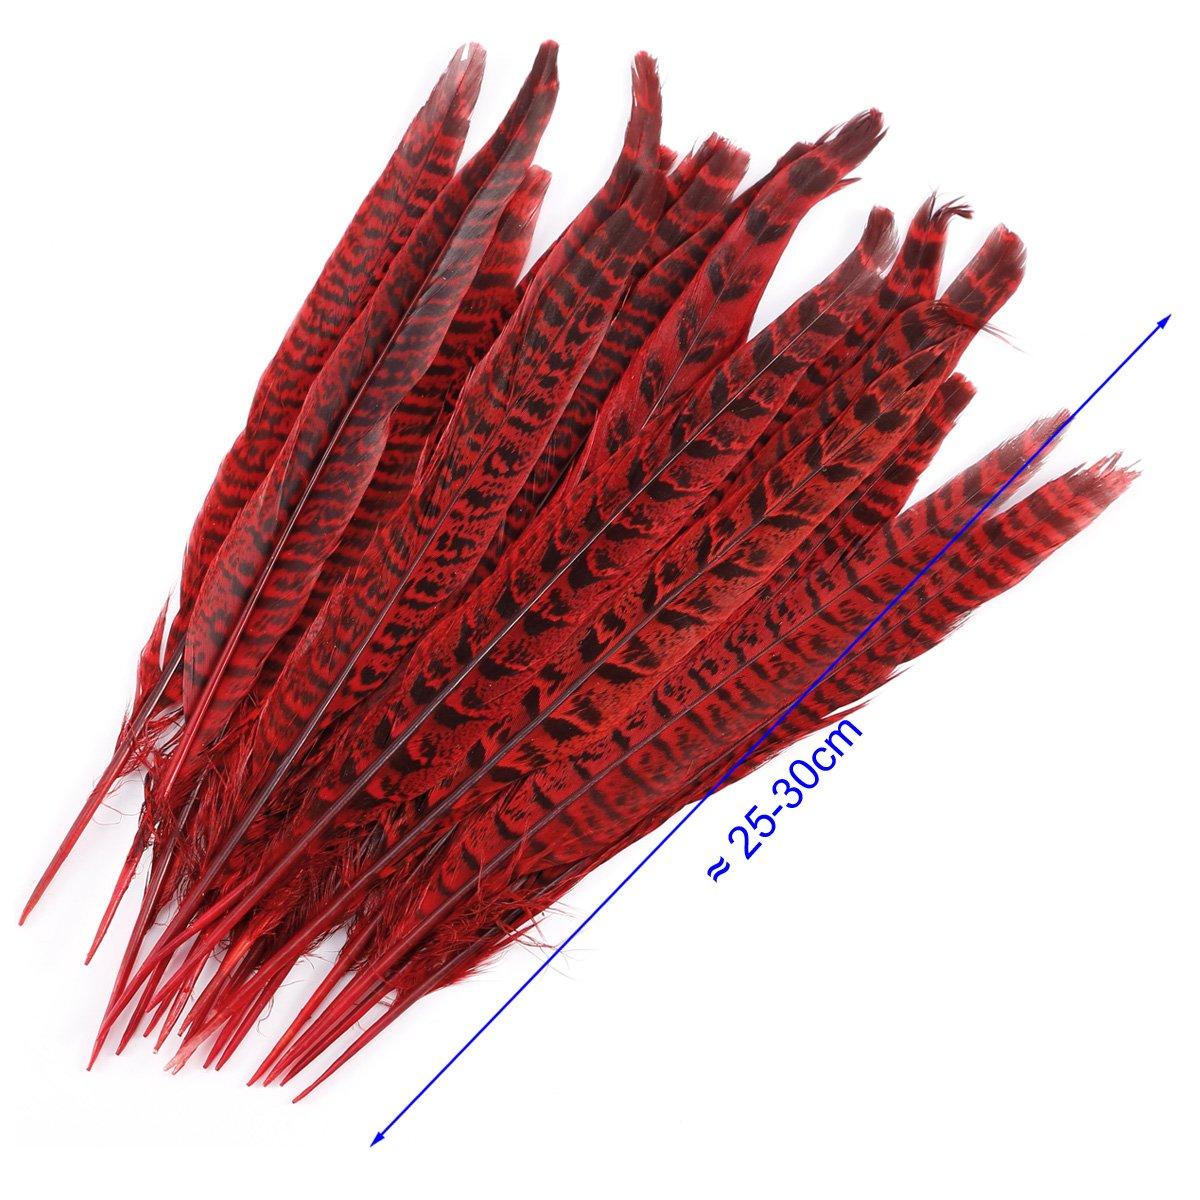 Rouge 20pcs Plumes de Faisan Naturelles Artisanat DIY D/écoration de Chapeau Masque Spectacle Loisir Costume 25-30cm